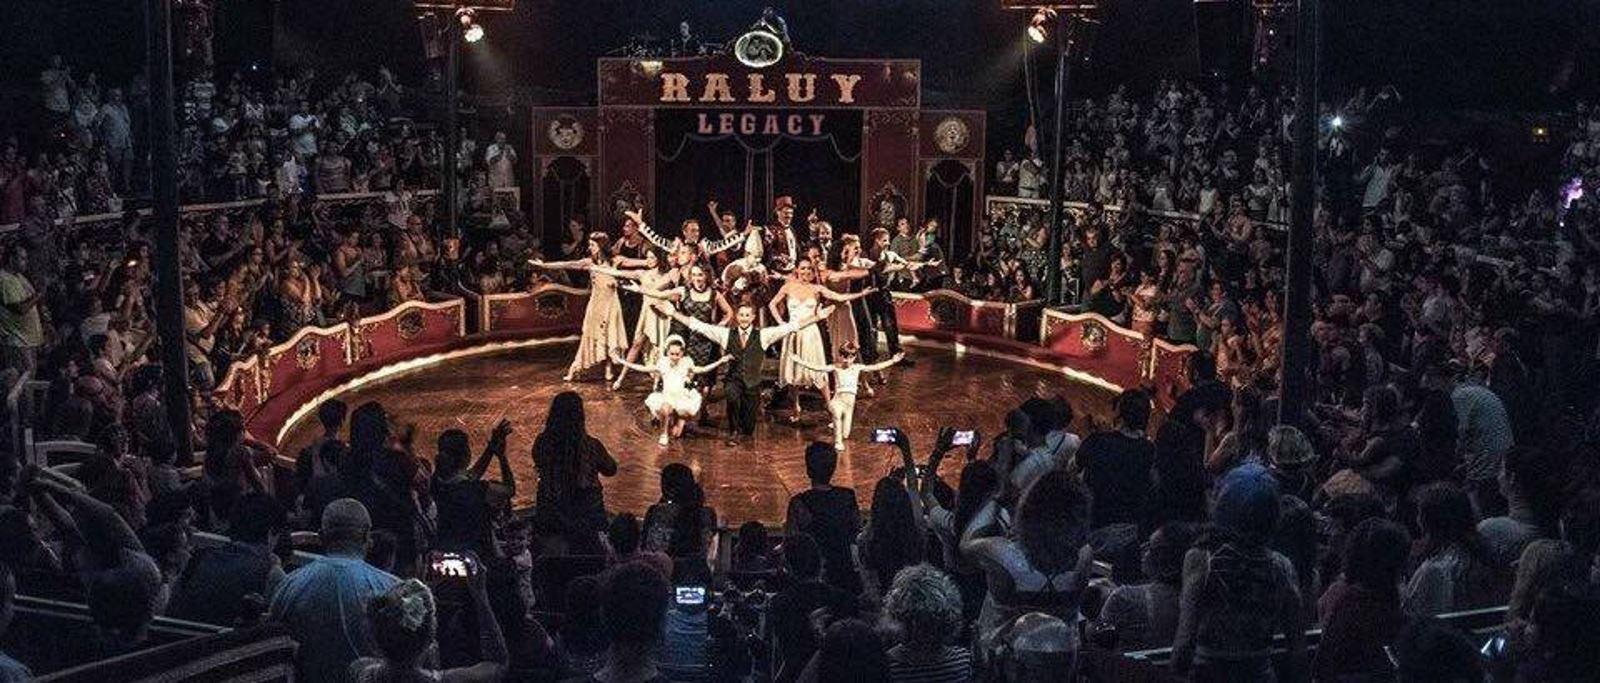 Circo Raluy Legacy Inicio (2)